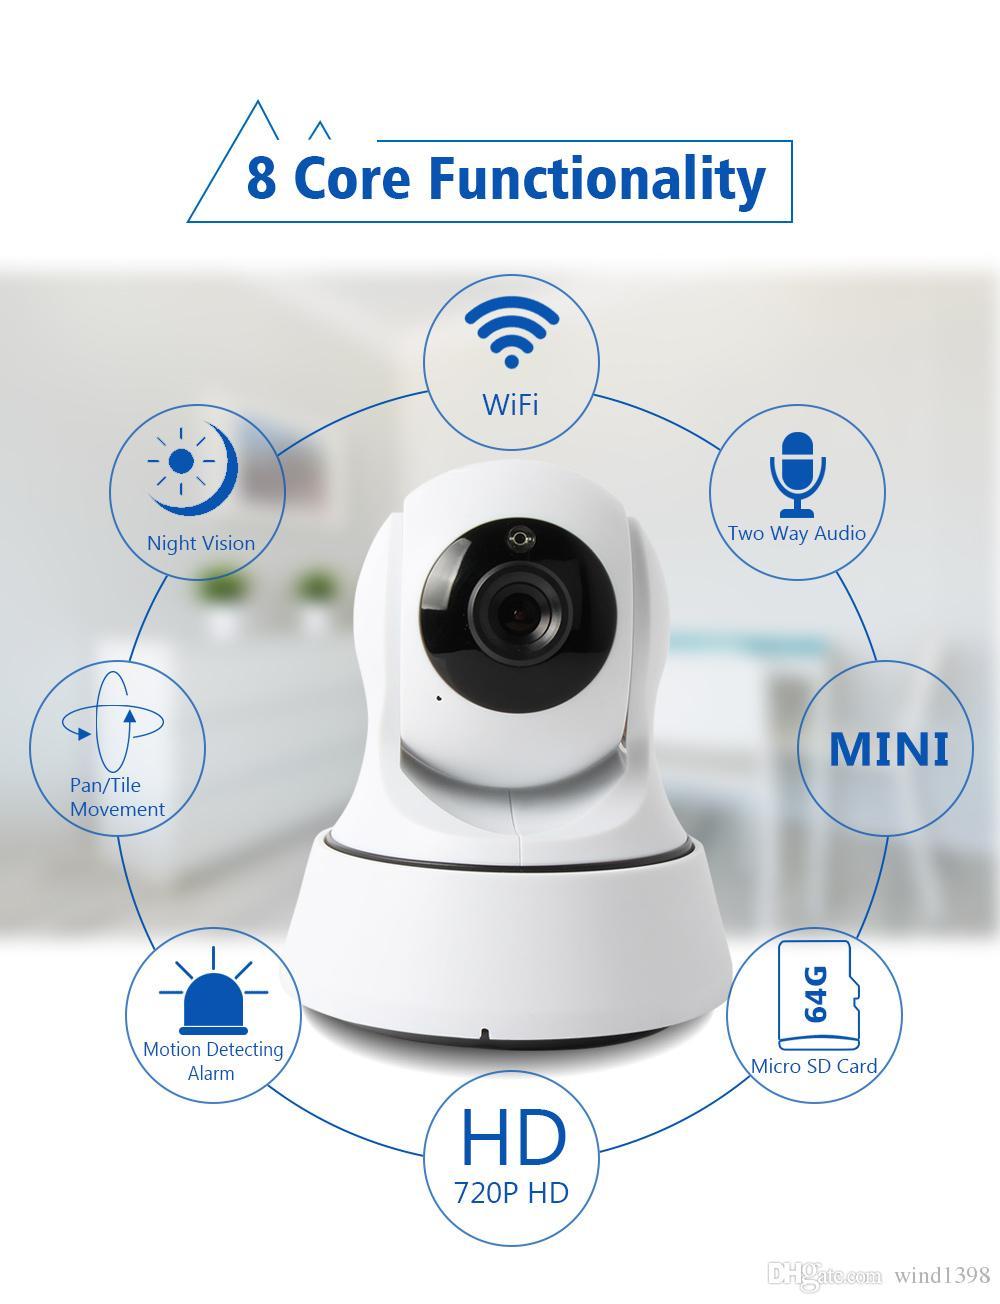 핫 판매 HD 720p 1.0MP PTZ WiFi IP 카메라 IR 차단 나이트 비전 보안 양방향 오디오 미니 CCTV 감시 IP 무선 카메라 응용 프로그램 cam360